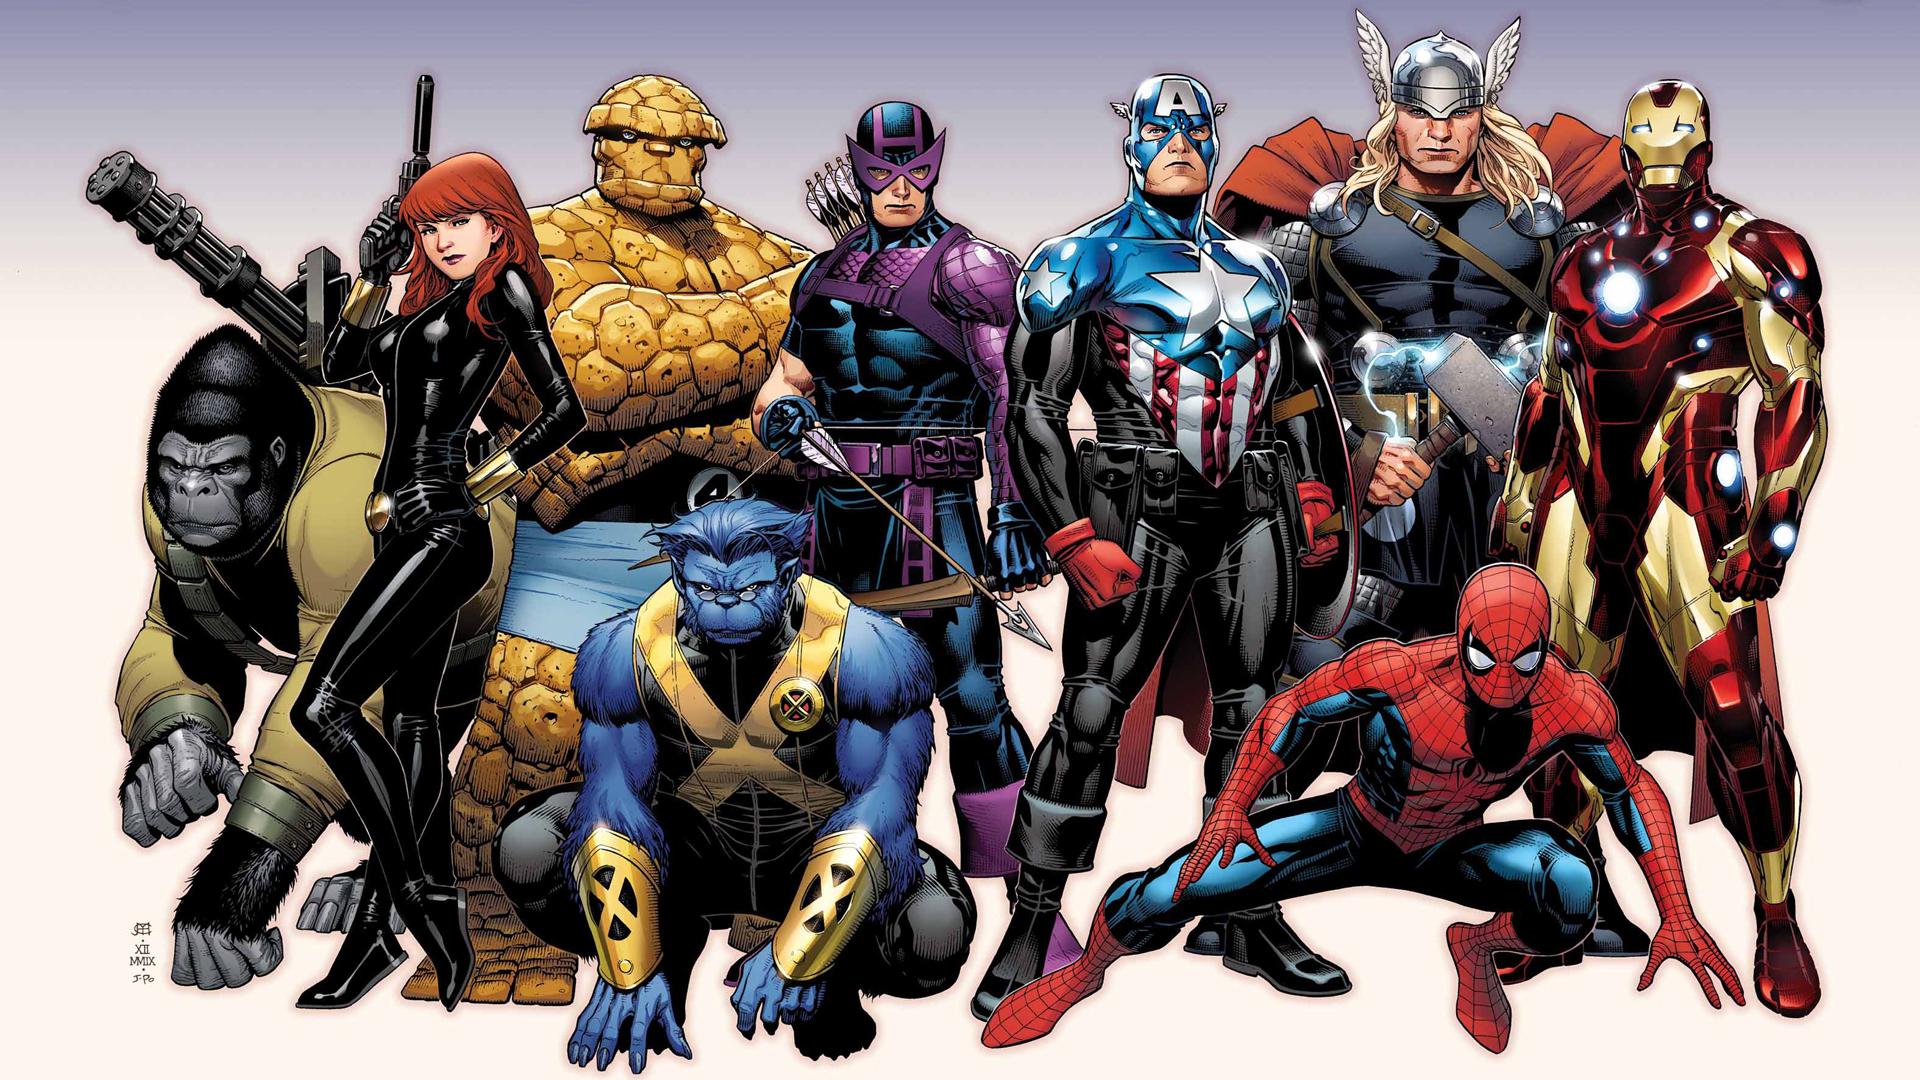 Avengers marvel superhero wallpaper 1920x1080 117584 - Avengers superhero wallpaper ...